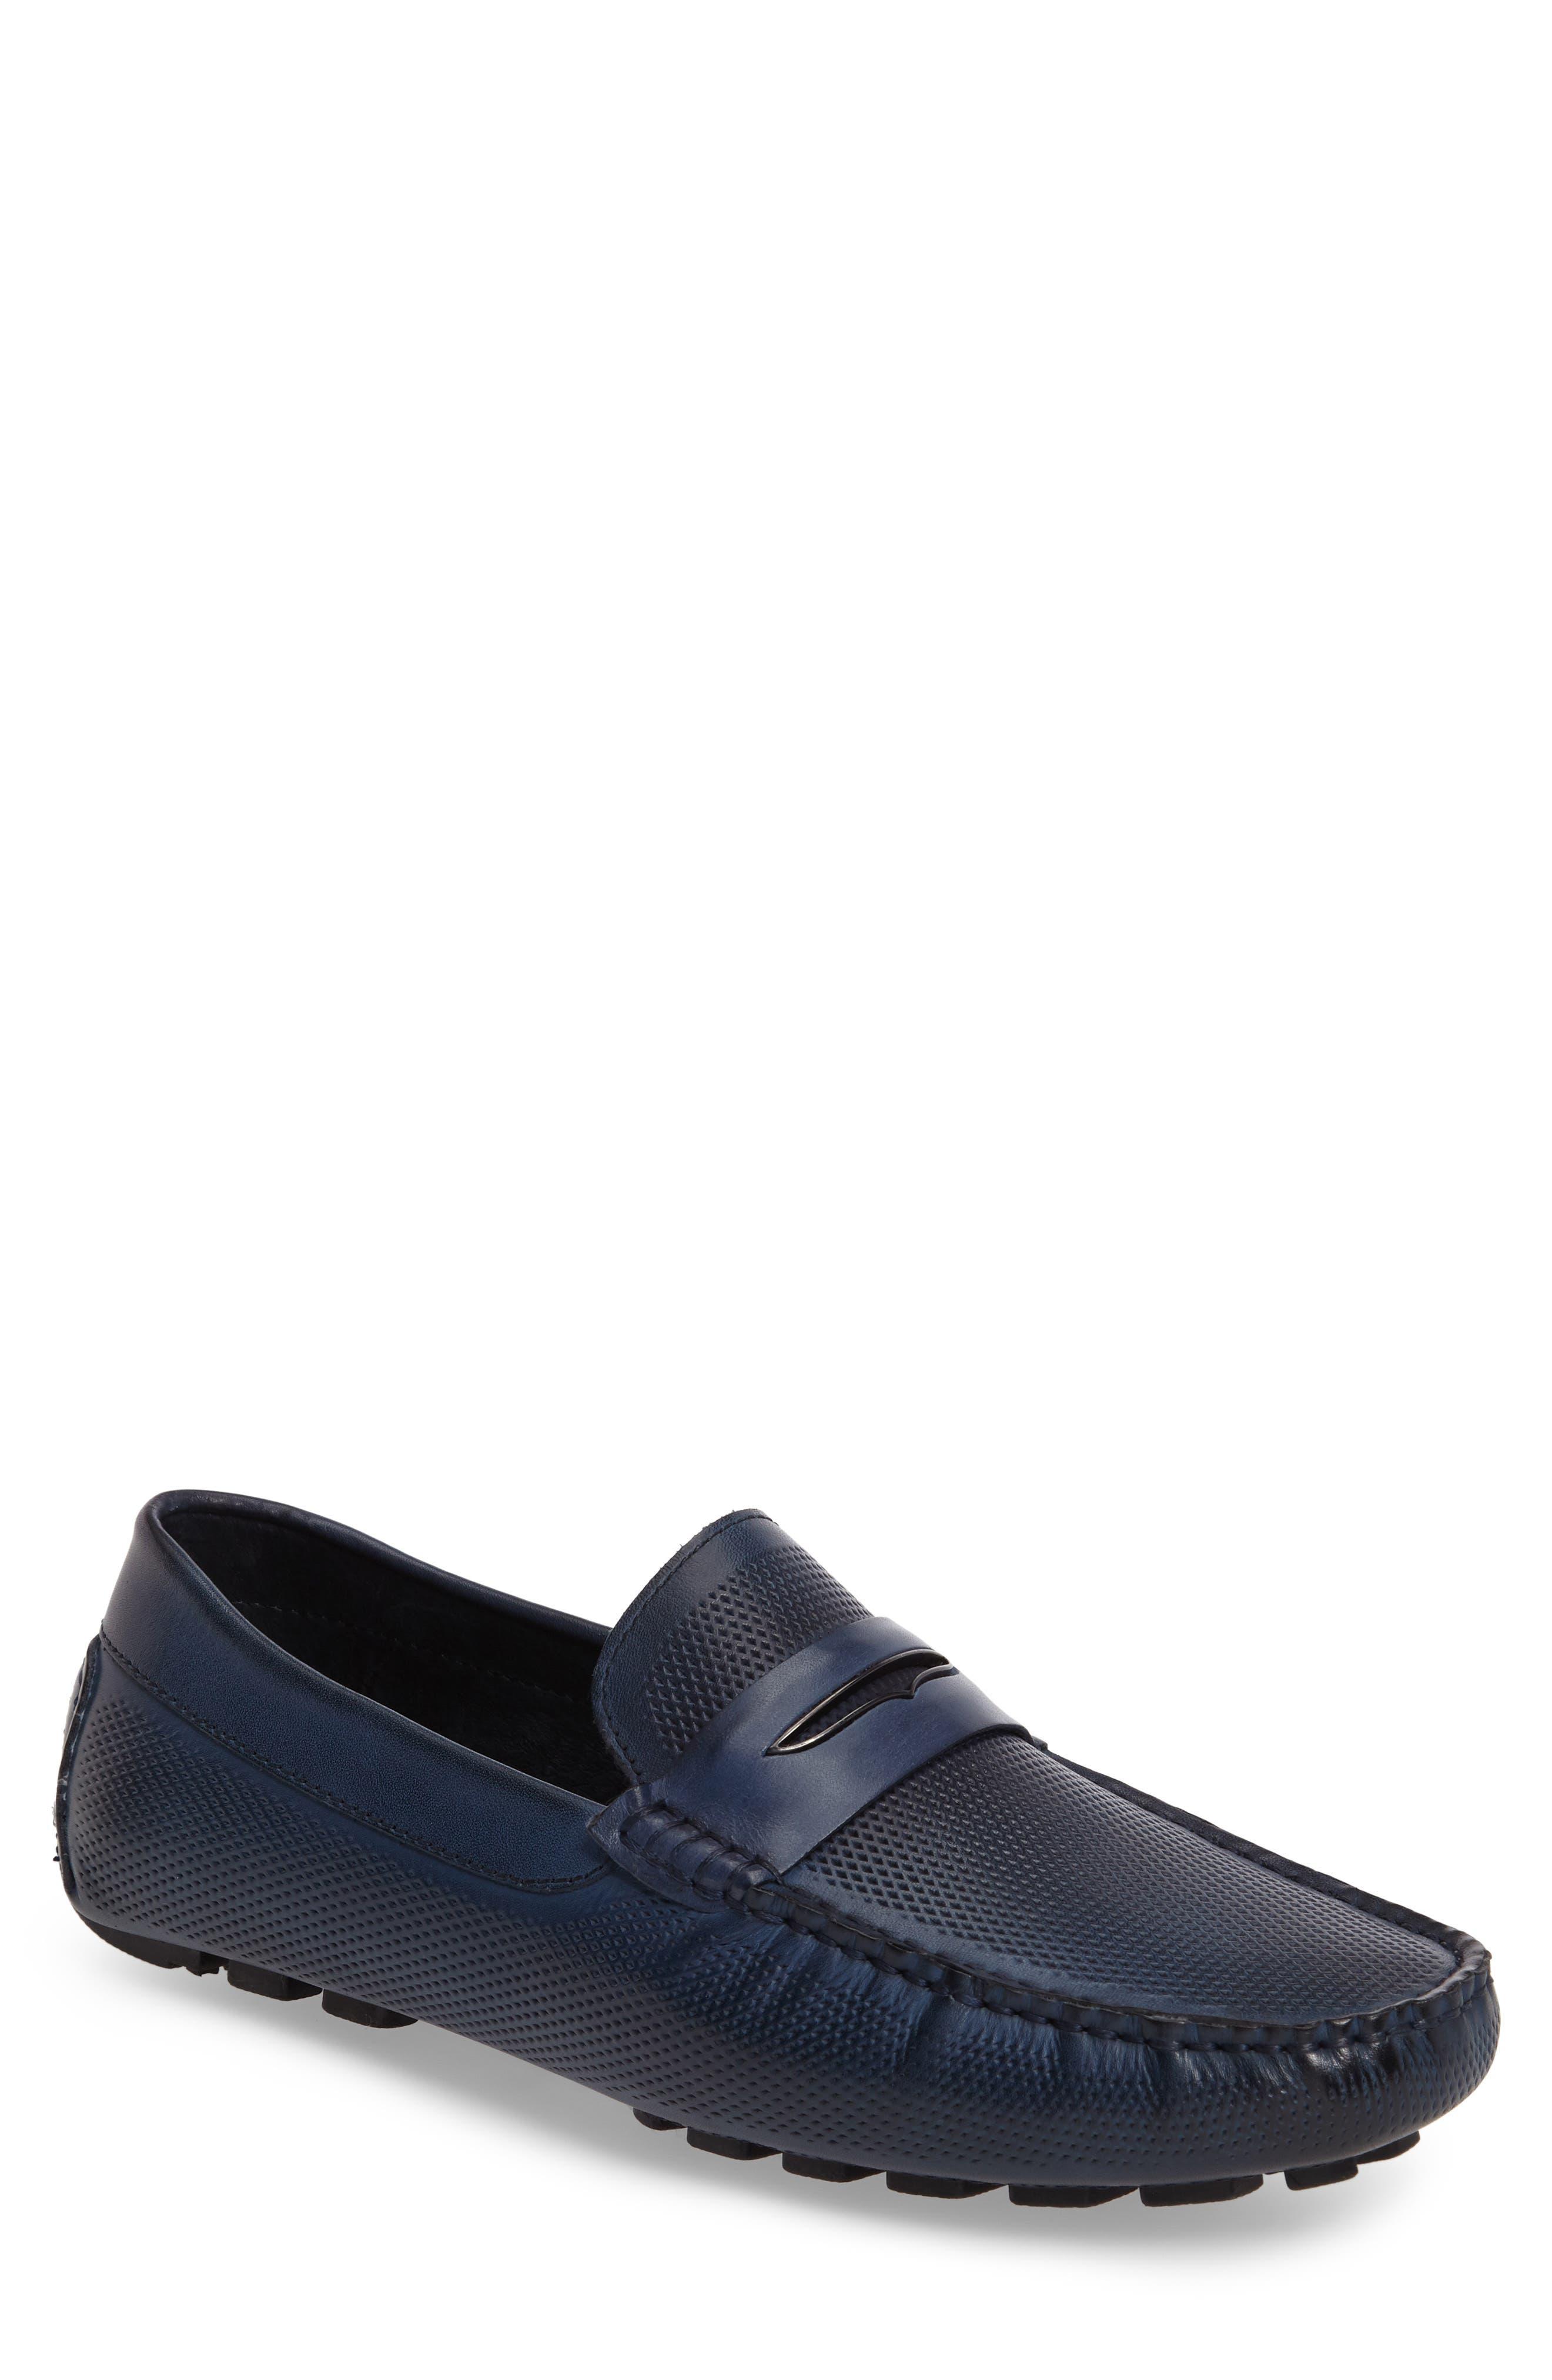 Mondrian Driving Shoe,                         Main,                         color, Blue Leather